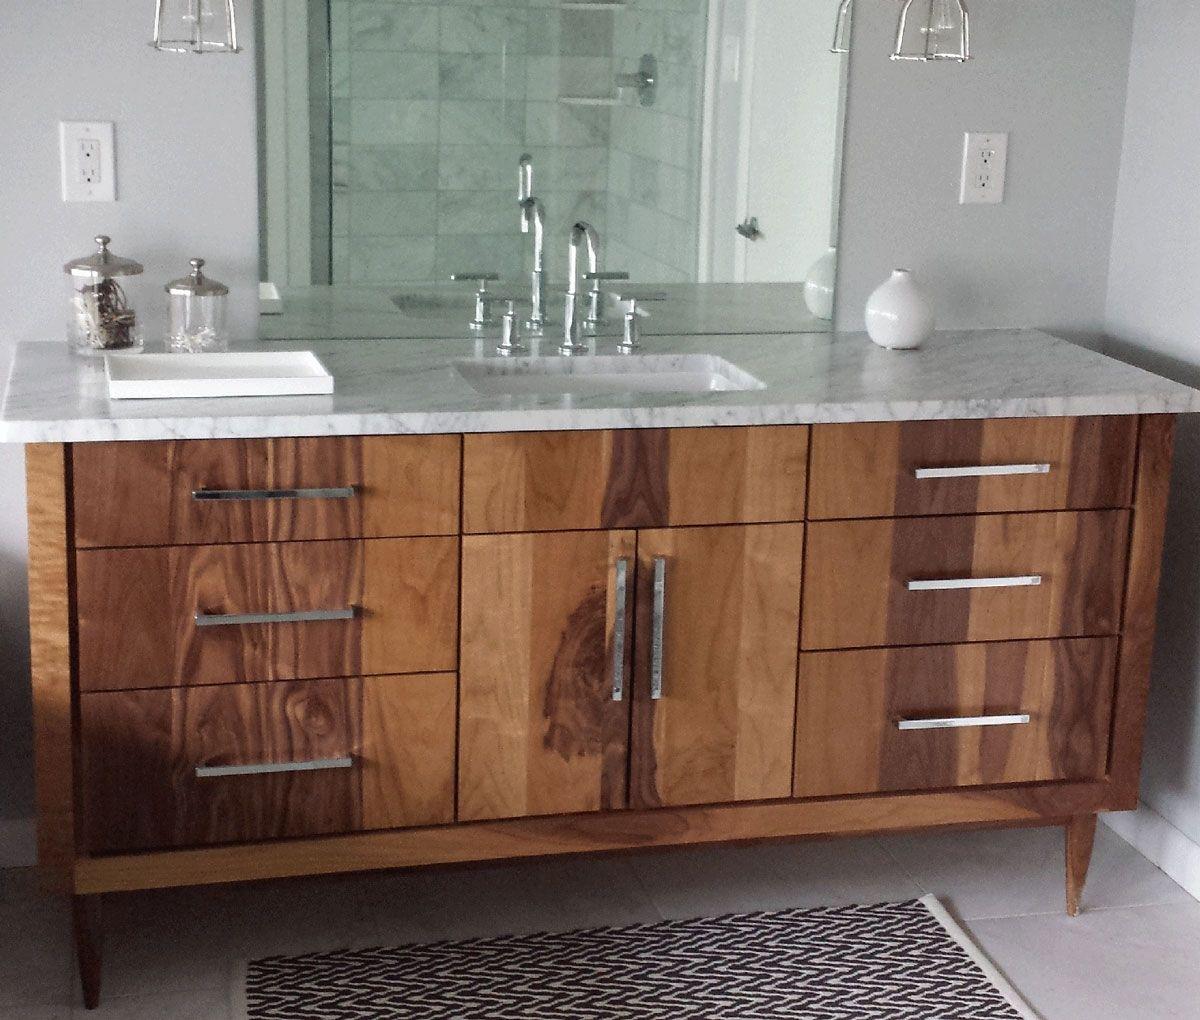 Handmade Custom Bathroom Vanities by Furniture by Phoenix  CustomMadecom